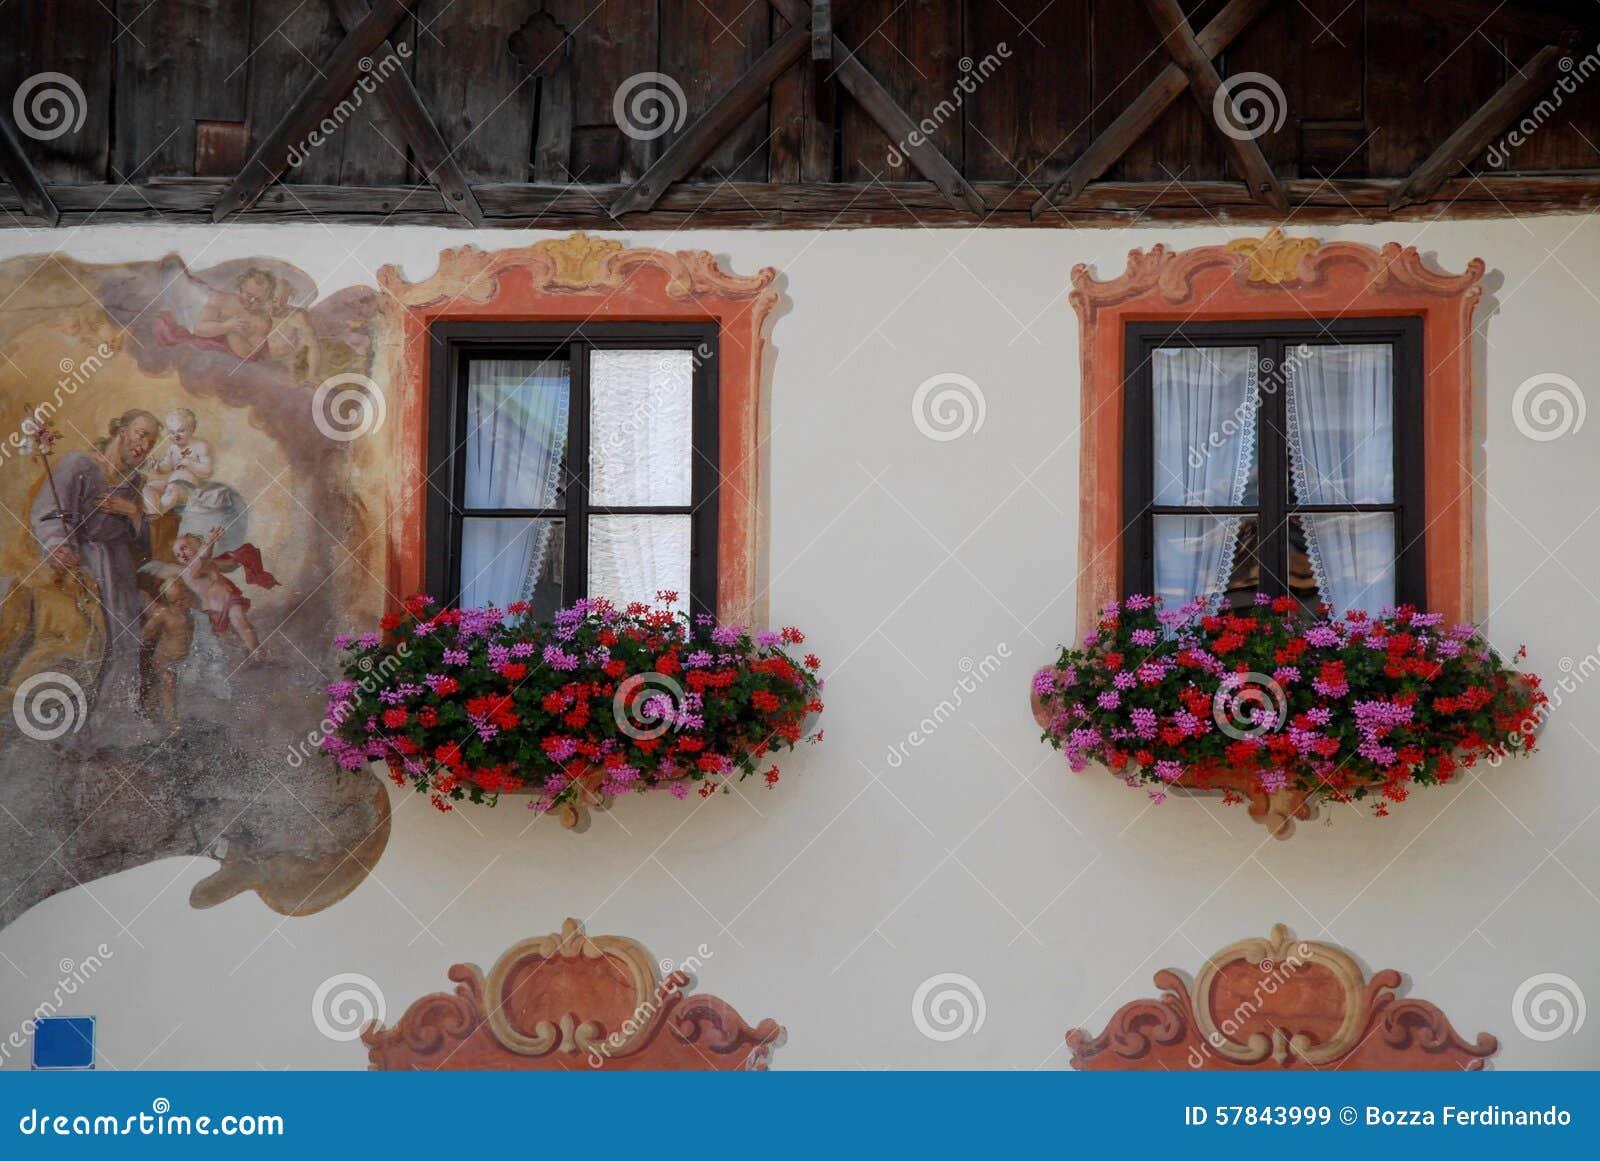 Vensters Met Gordijnen En Bloemen In Oberammergau In Duitsland Stock ...